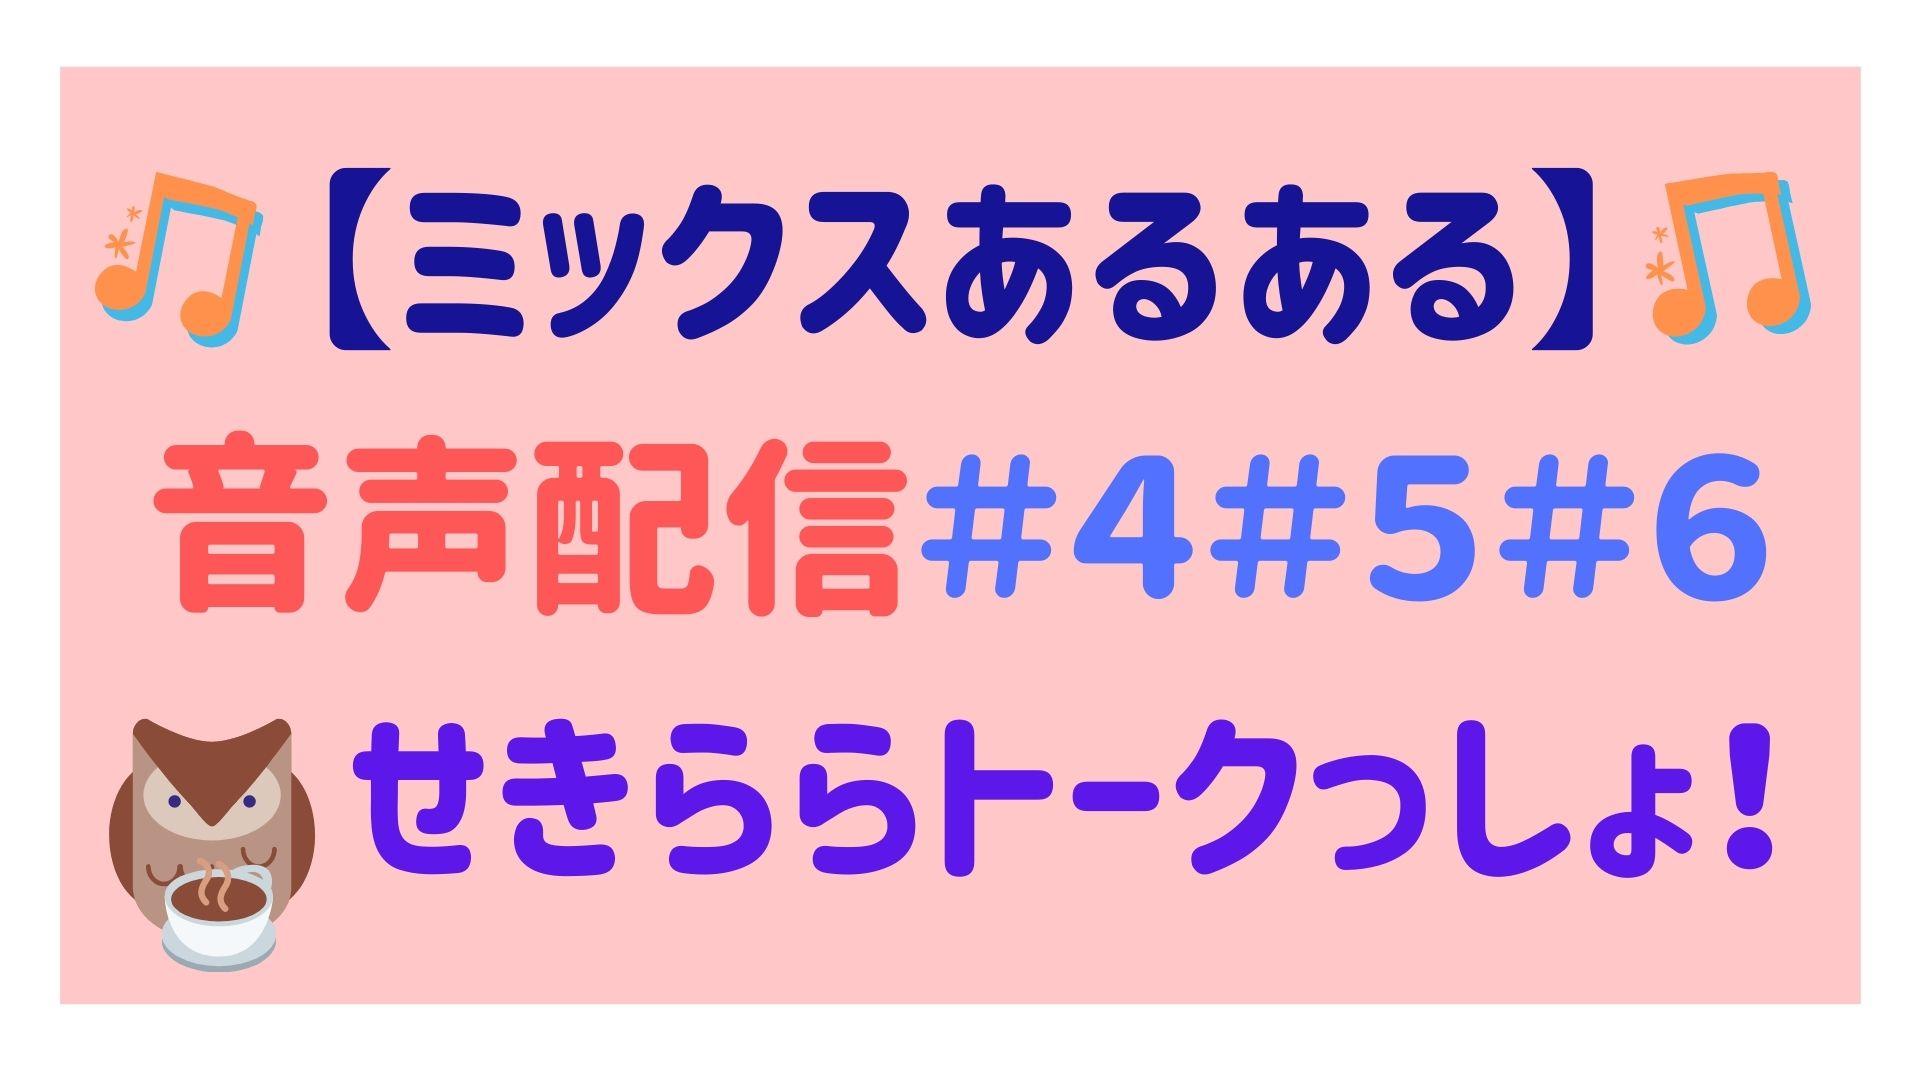 【ミックスあるある】音声配信#4〜6 ミックスはデートより誘いやすい!NGな服装は?他